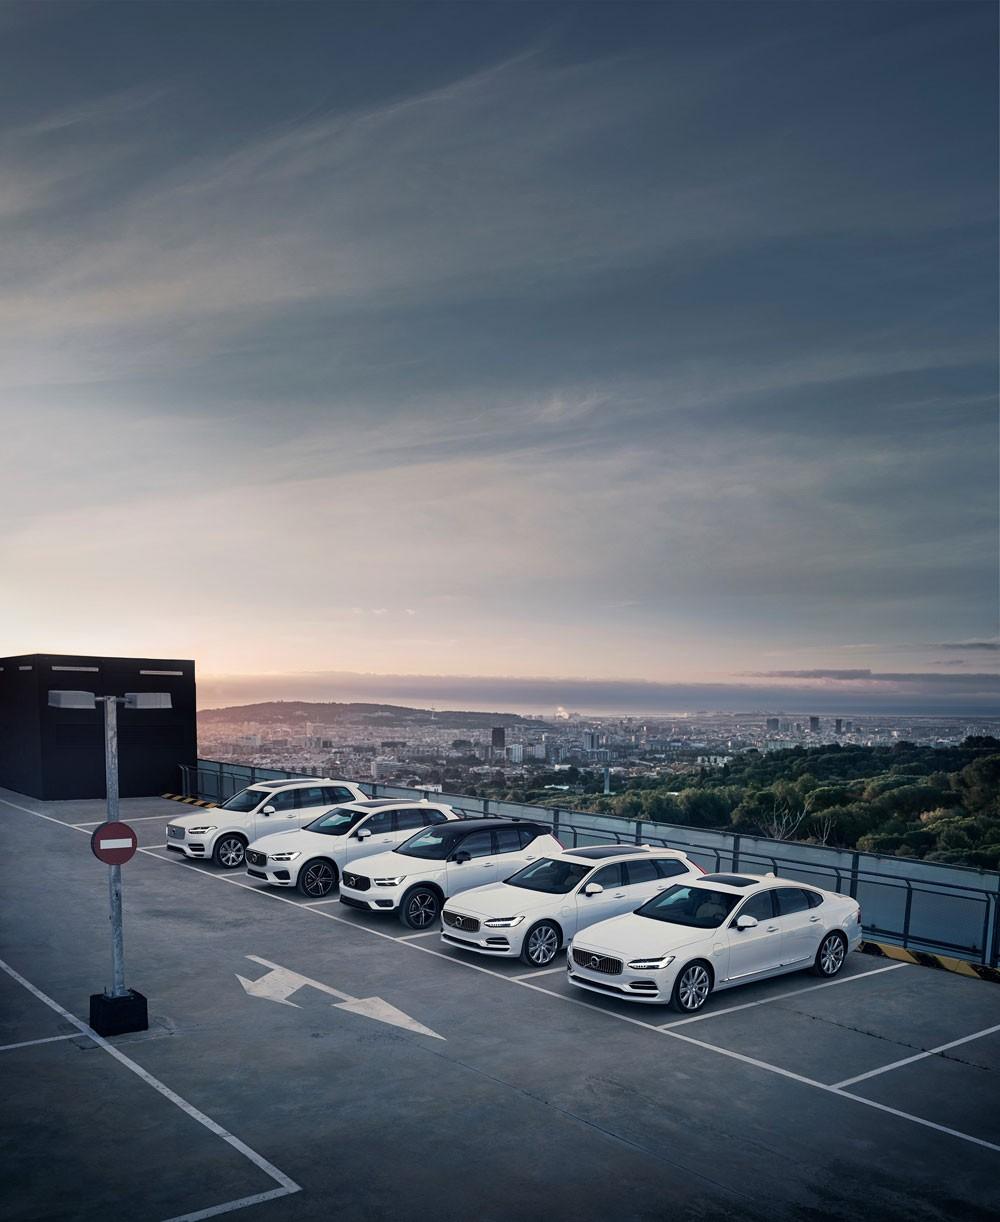 """""""فولفو للسيارات"""" تسجّل أرباحاً تشغيلية قياسية قدرها 4.2 مليار كراونة سويدية"""